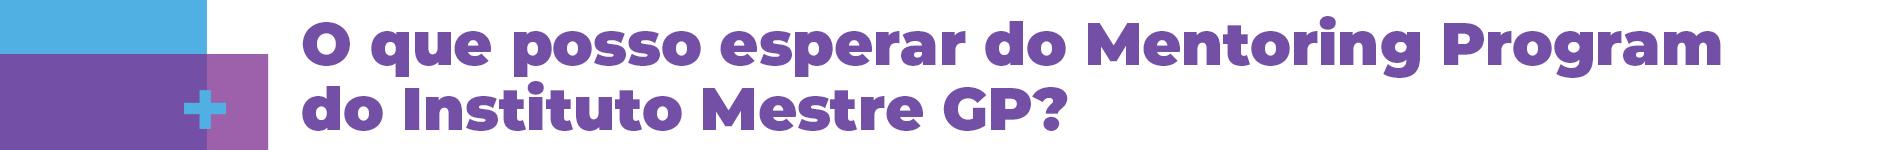 https://www.mestregp.com.br/wp-content/uploads/2020/02/faixa_titulo03-1900x150.png